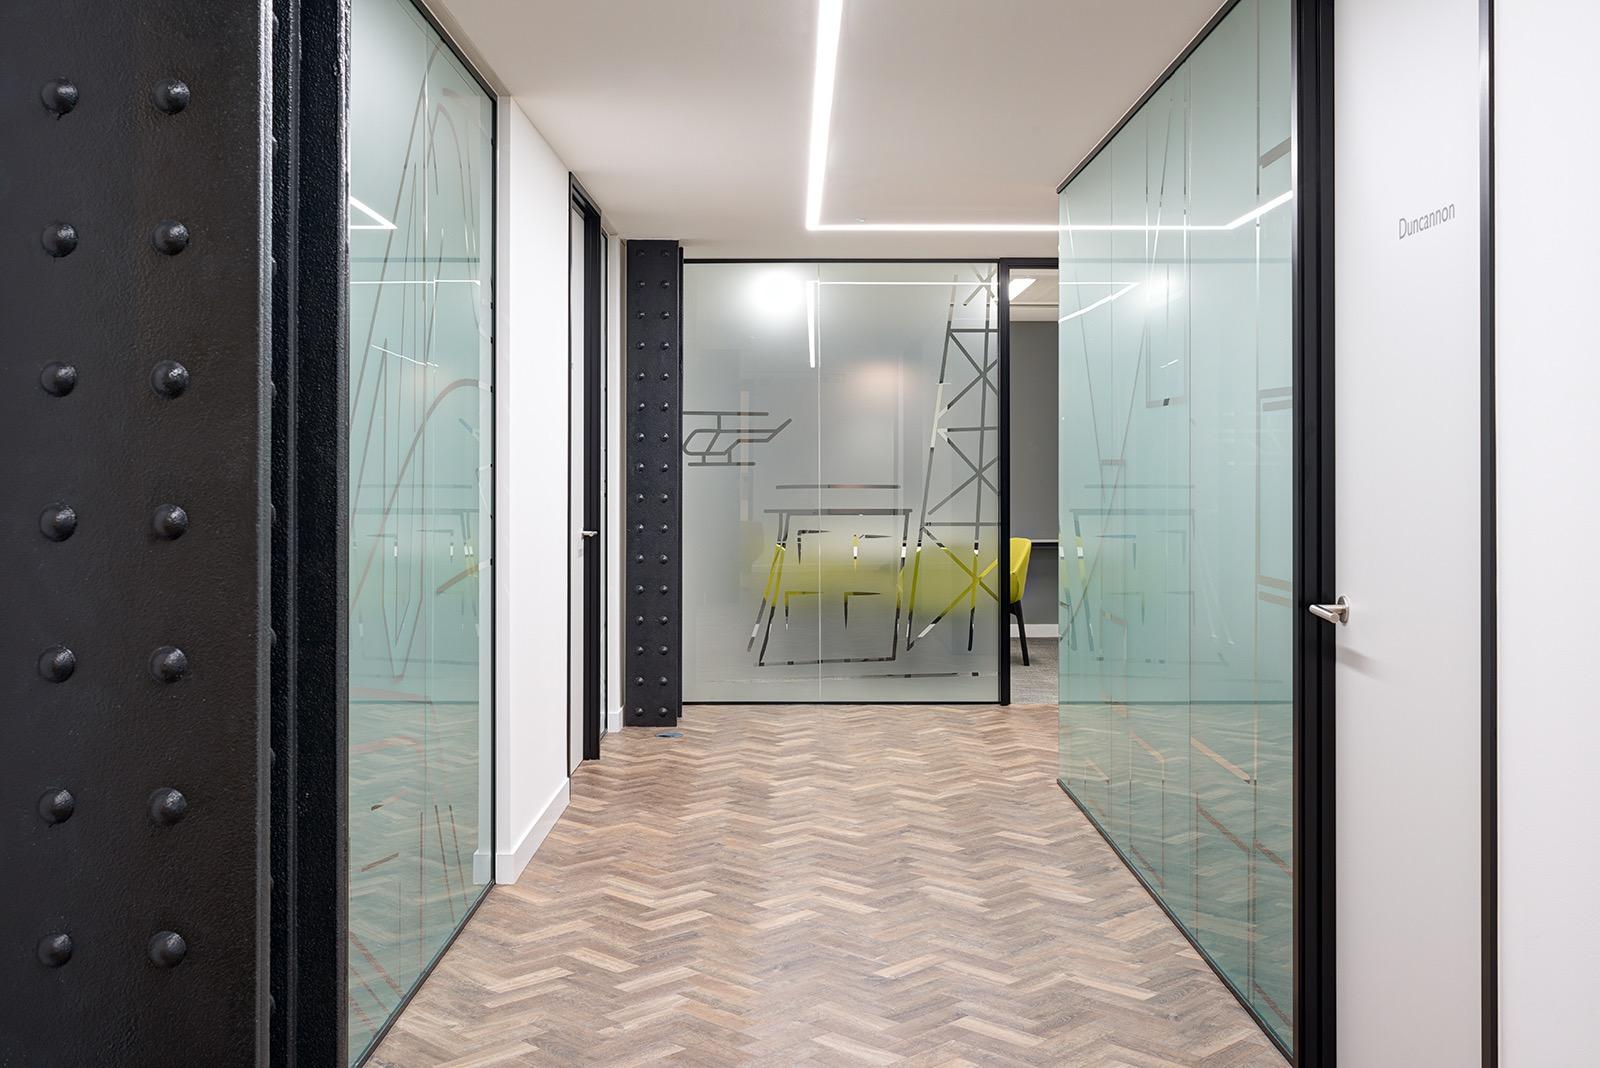 blackrock-london-office-2